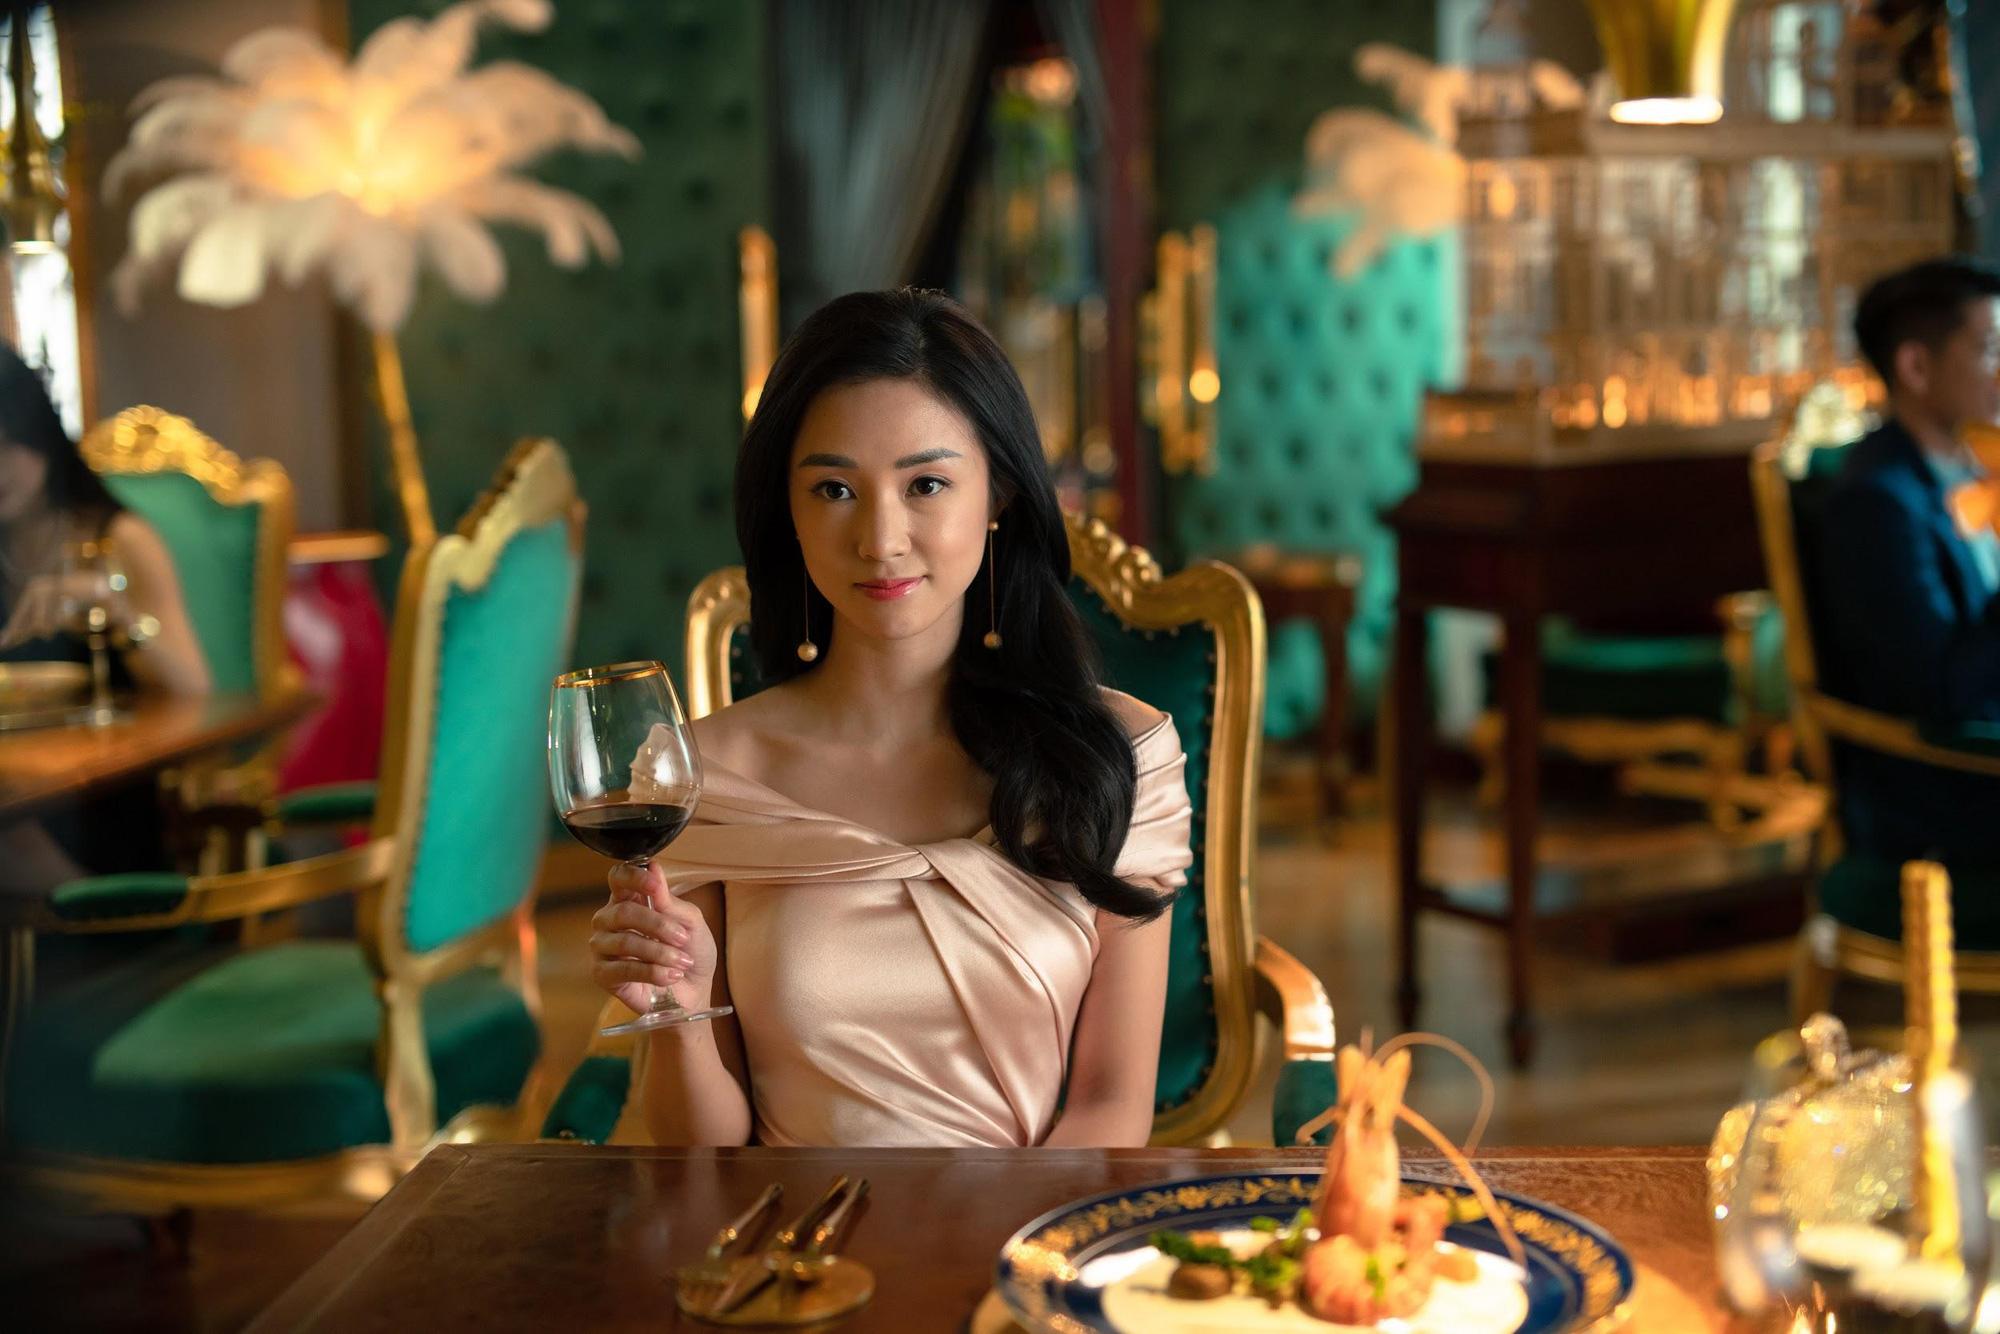 Đạo diễn Victor Vũ và nàng thơ Trúc Anh tiết lộ món ăn khoái khẩu trong thời gian quay Thiên Thần Hộ Mệnh - Ảnh 3.